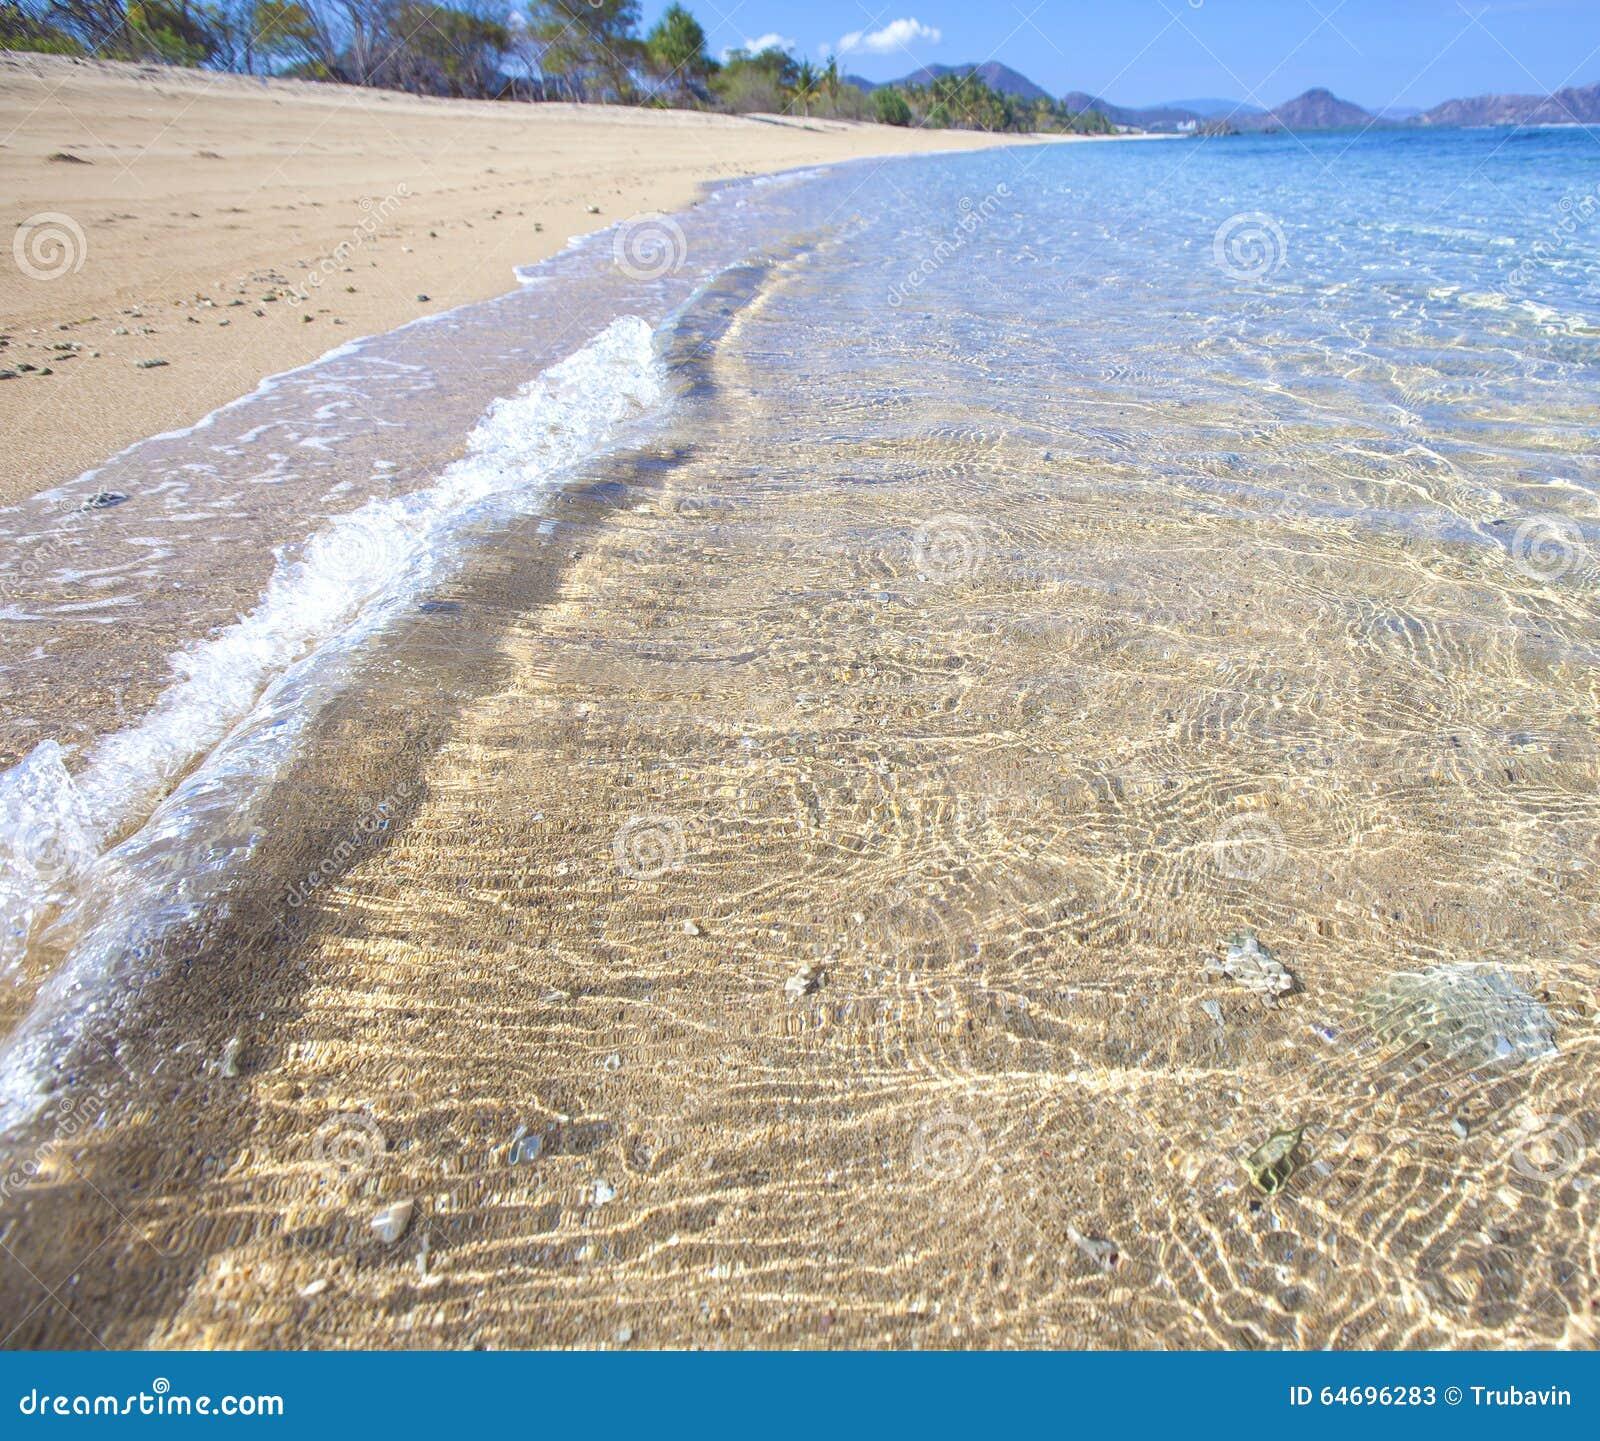 how to clean ocean water